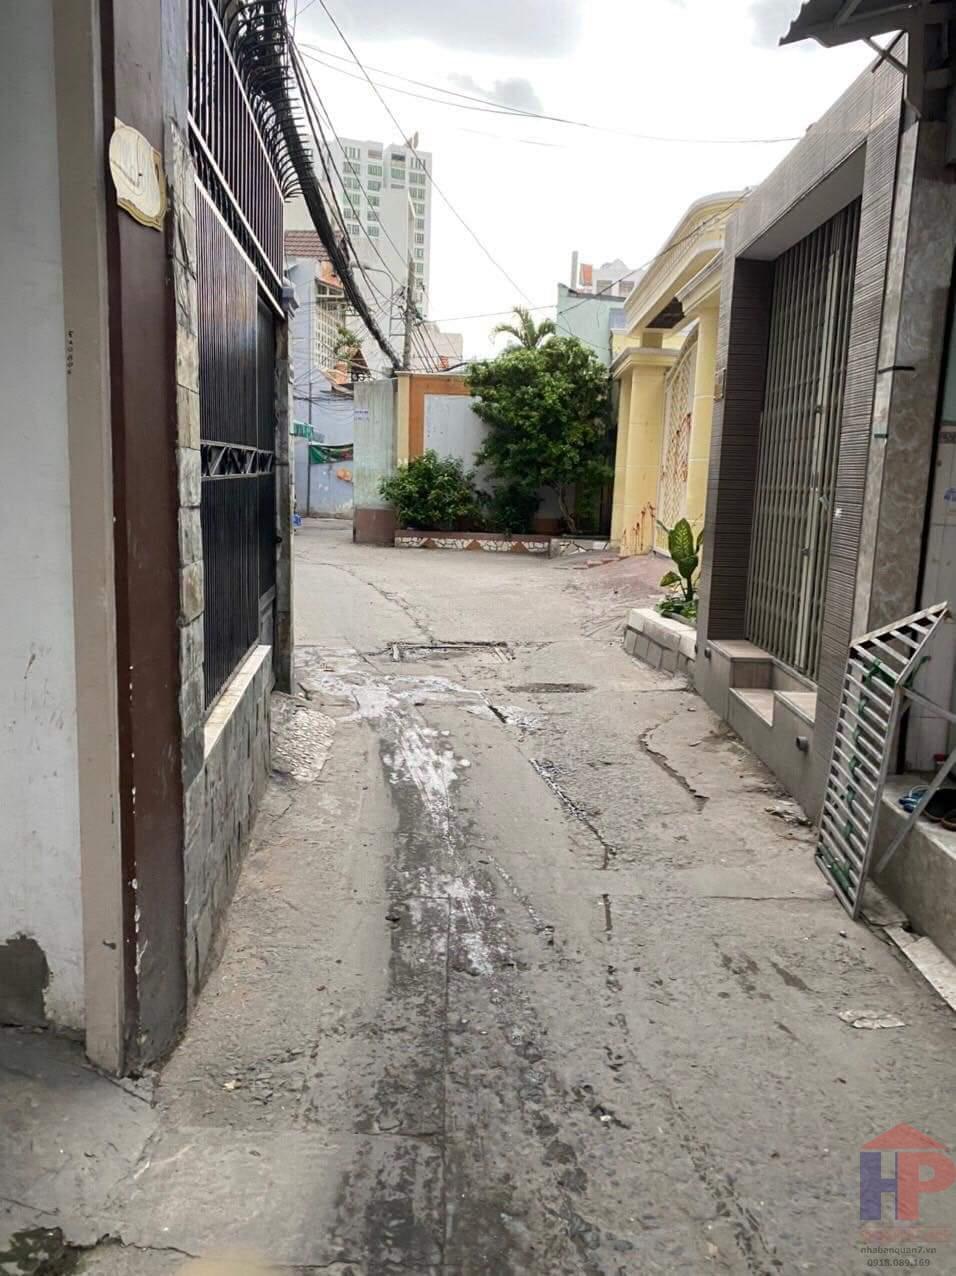 Bán nhà hẻm 793 Trần Xuân Soạn, Phường Tân Hưng DT 3,9 x 8,44m Giá 4.1 tỷ LH 0909477288